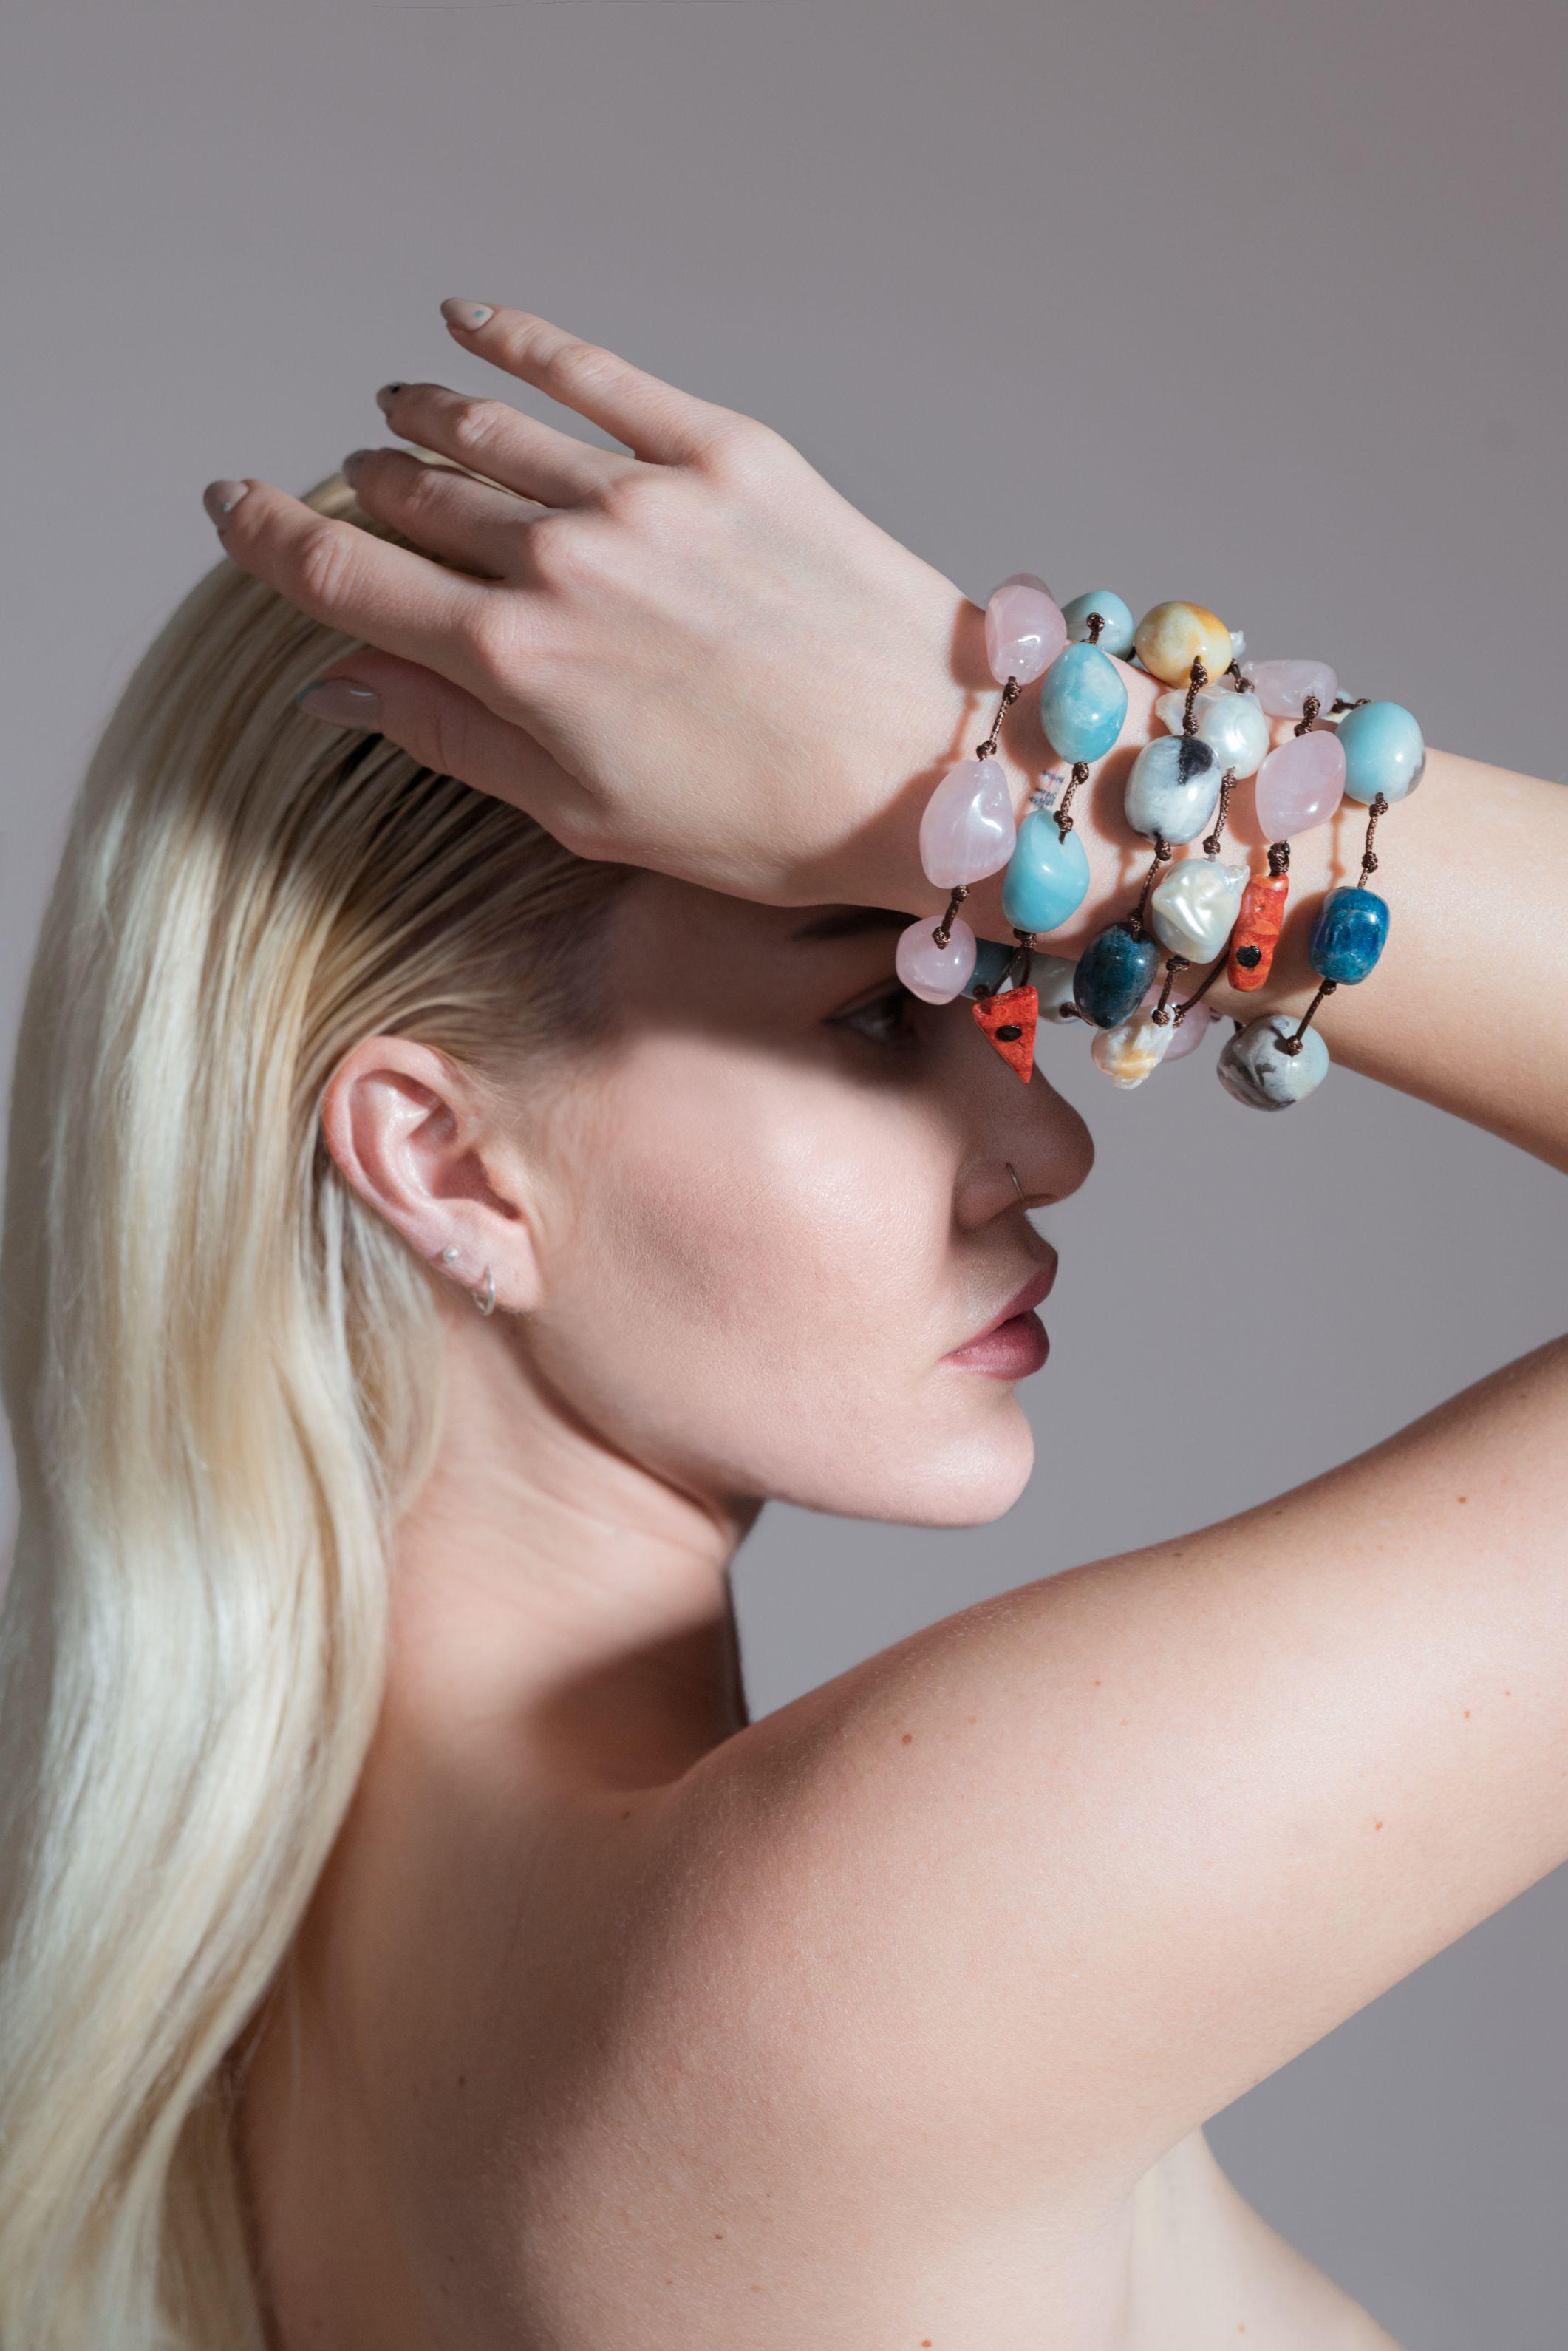 Nova kolekcija Amaranthine nakita - nakit sa stavom nose žene sa stavom!